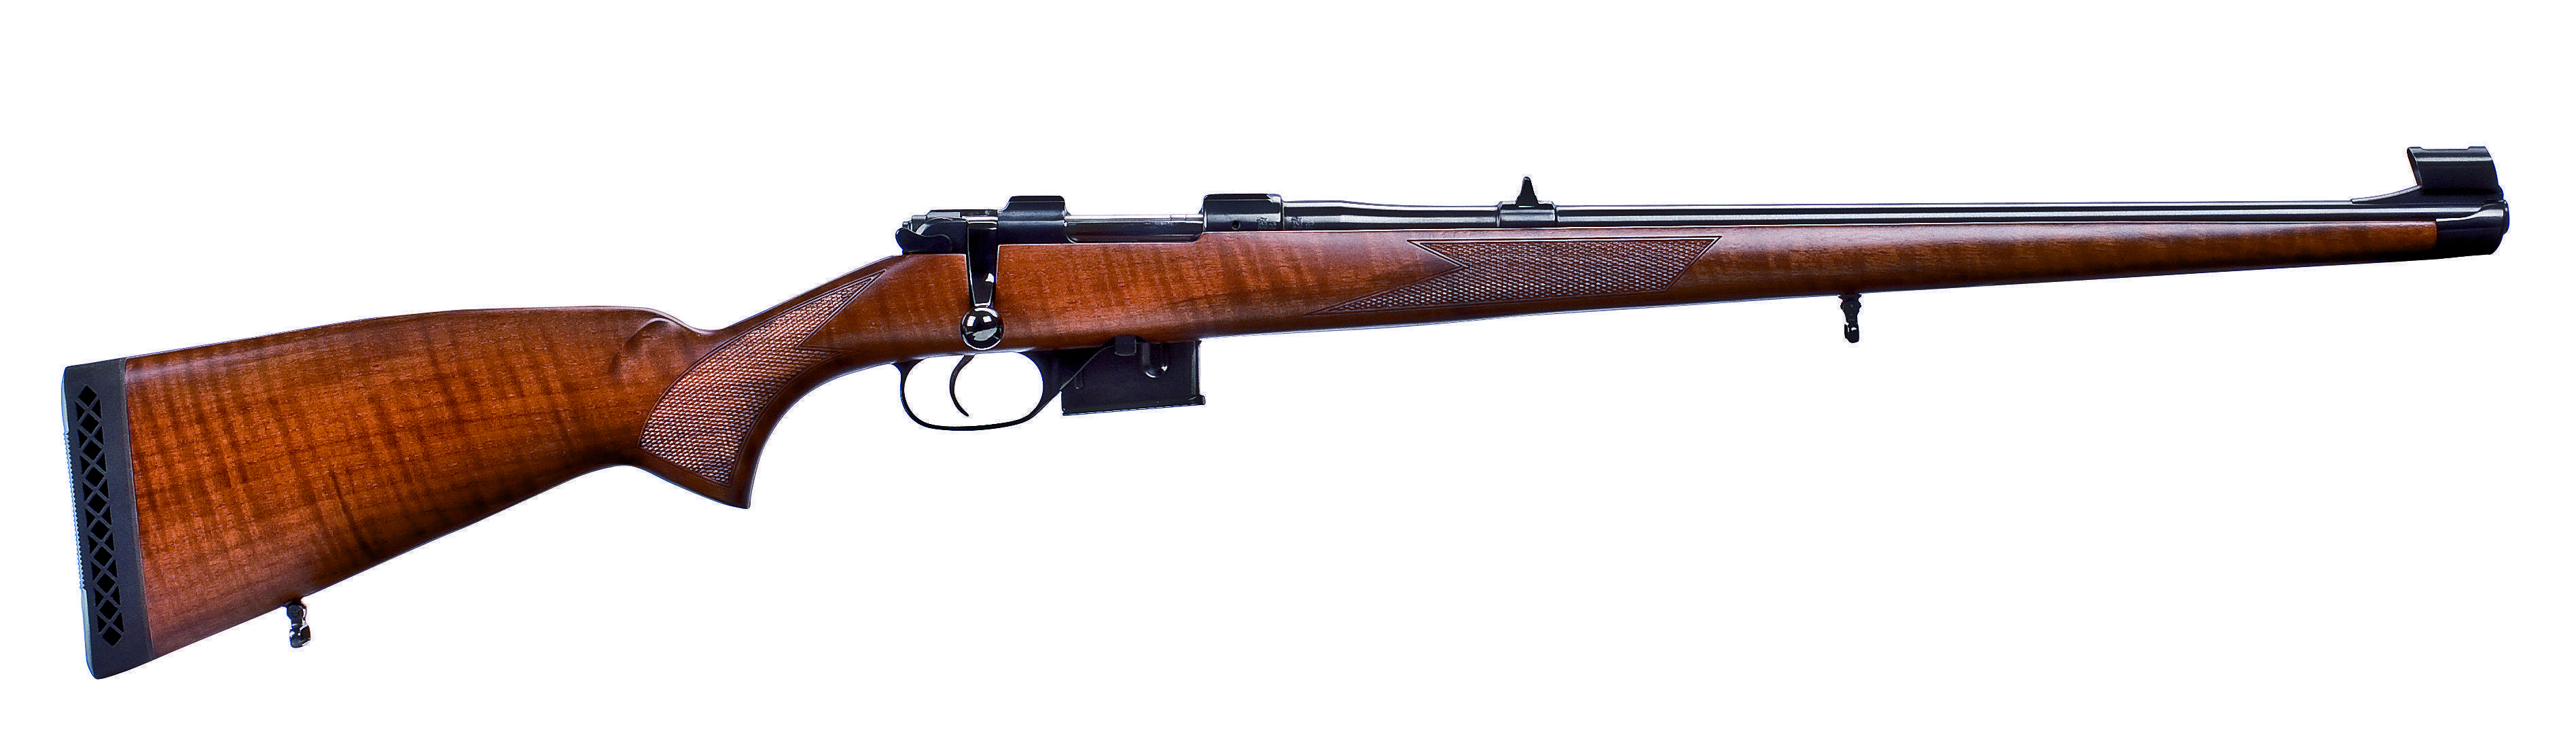 Карабин cz 527 223 rem, описание и технические характеристики винтовки